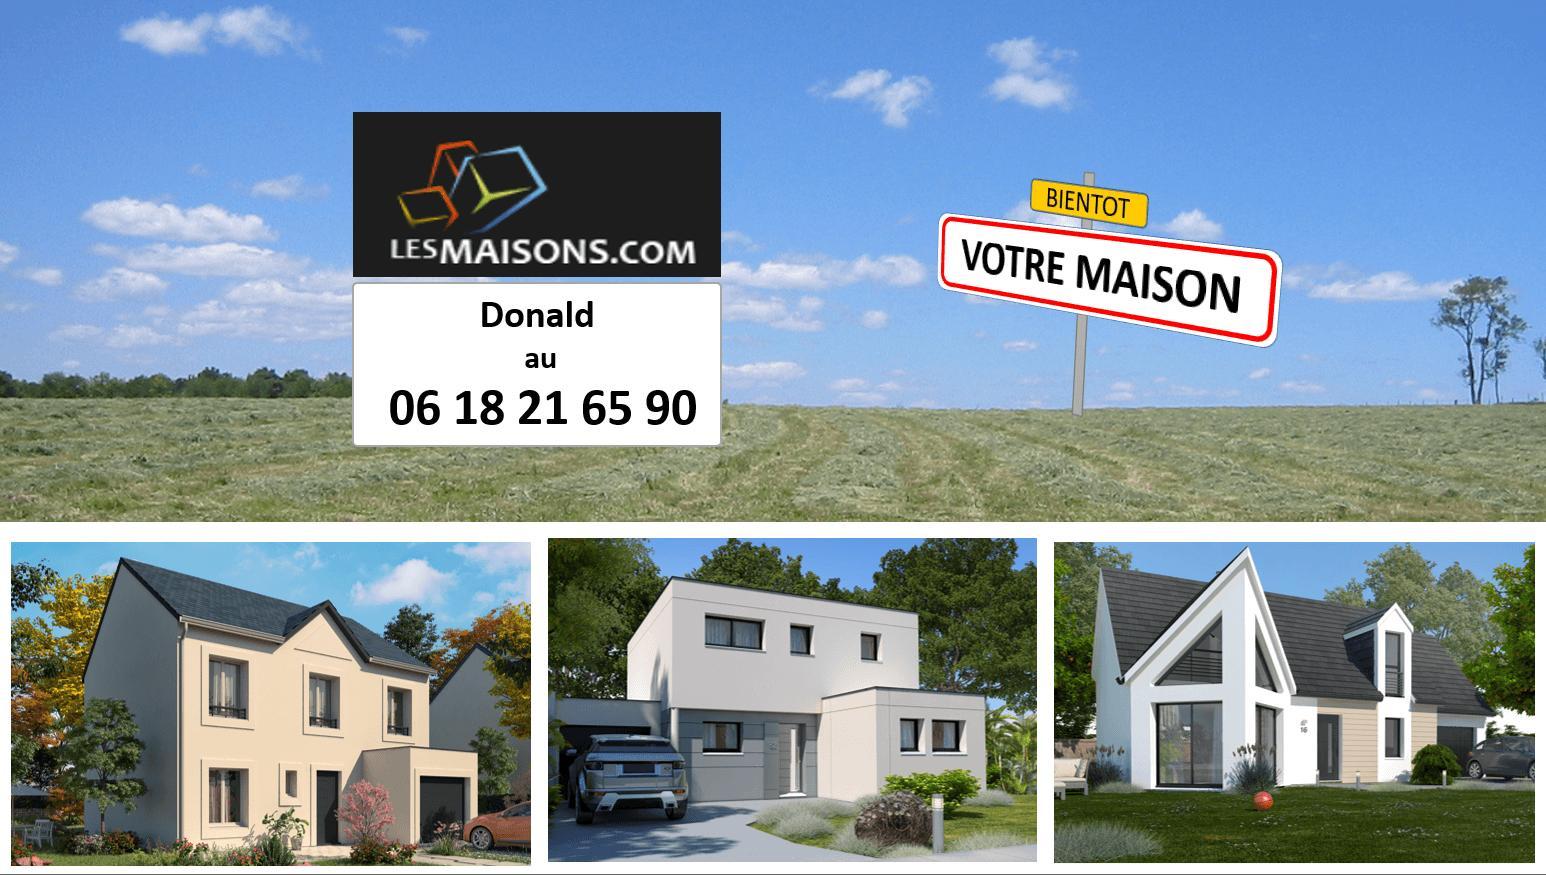 Terrains du constructeur LES MAISONS.COM LA VILLE DU BOIS • 410 m² • MAISSE